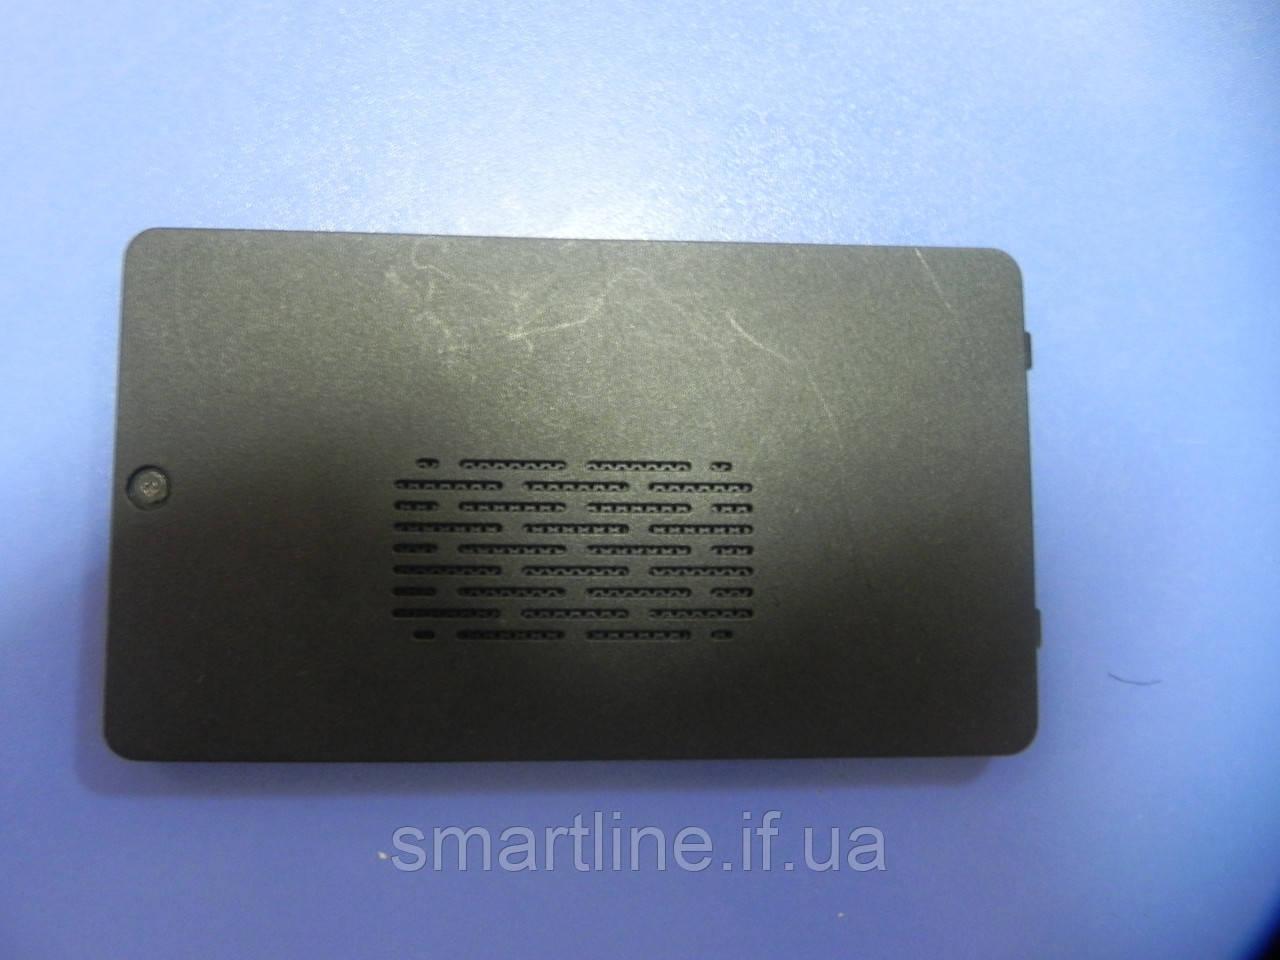 Сервісна кришка для ноутбука DELL Inspirion N5010